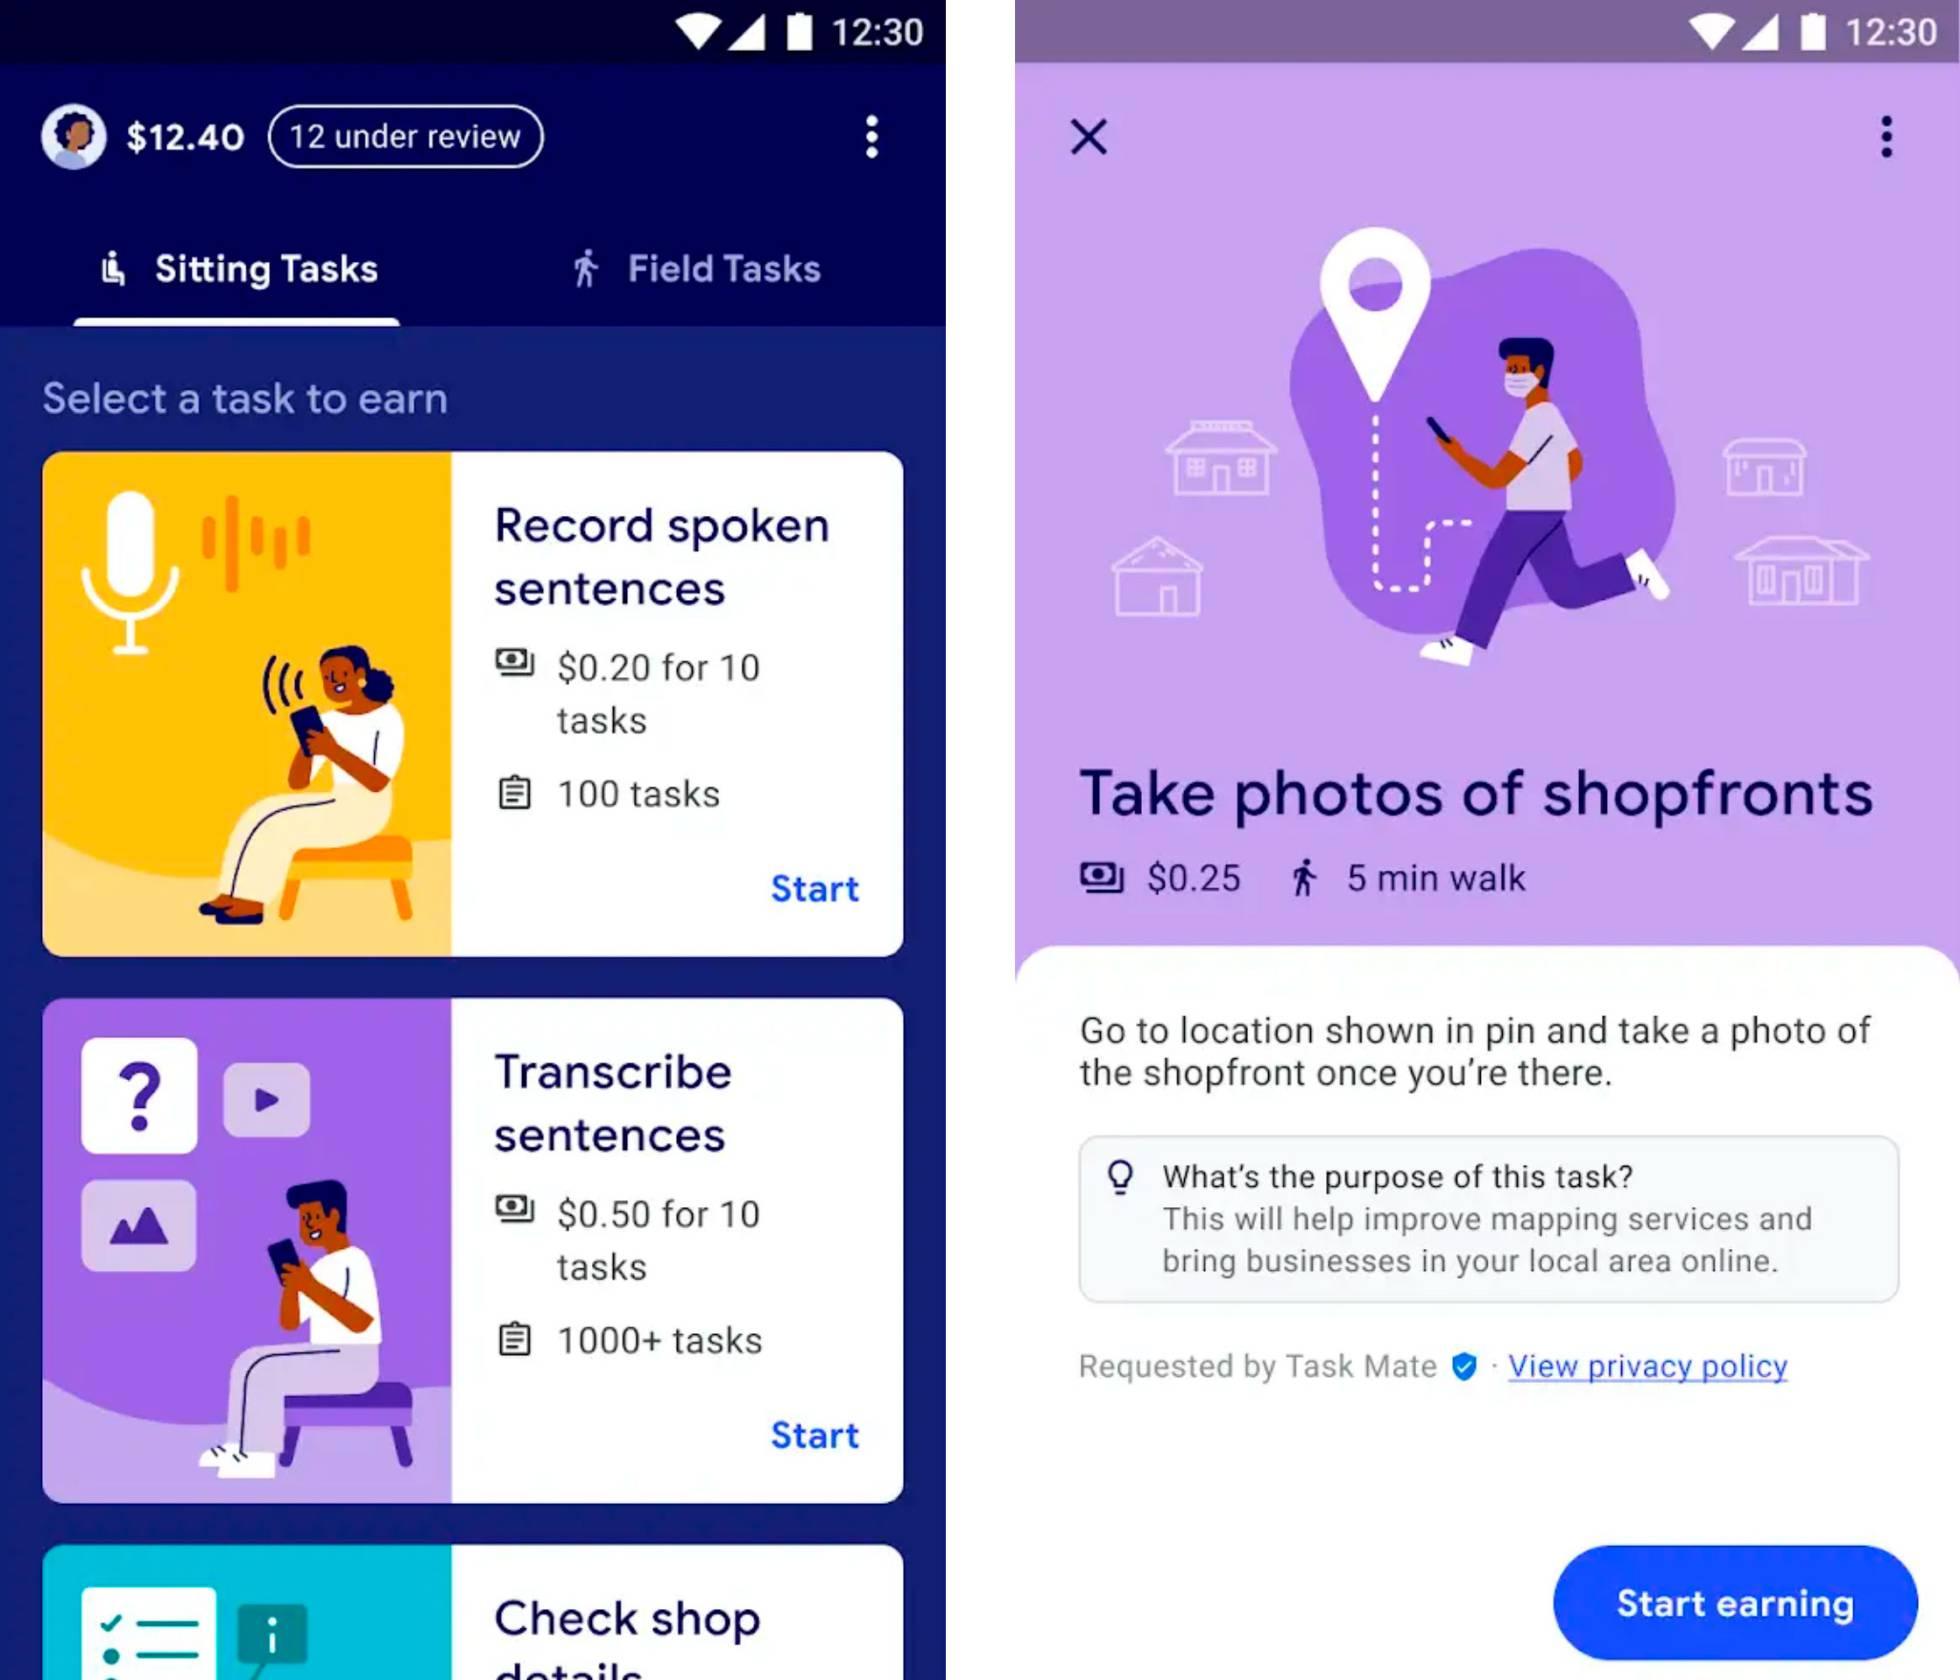 Task Mate: La app de Google que te paga por hacer tareas sencillas con el móvil